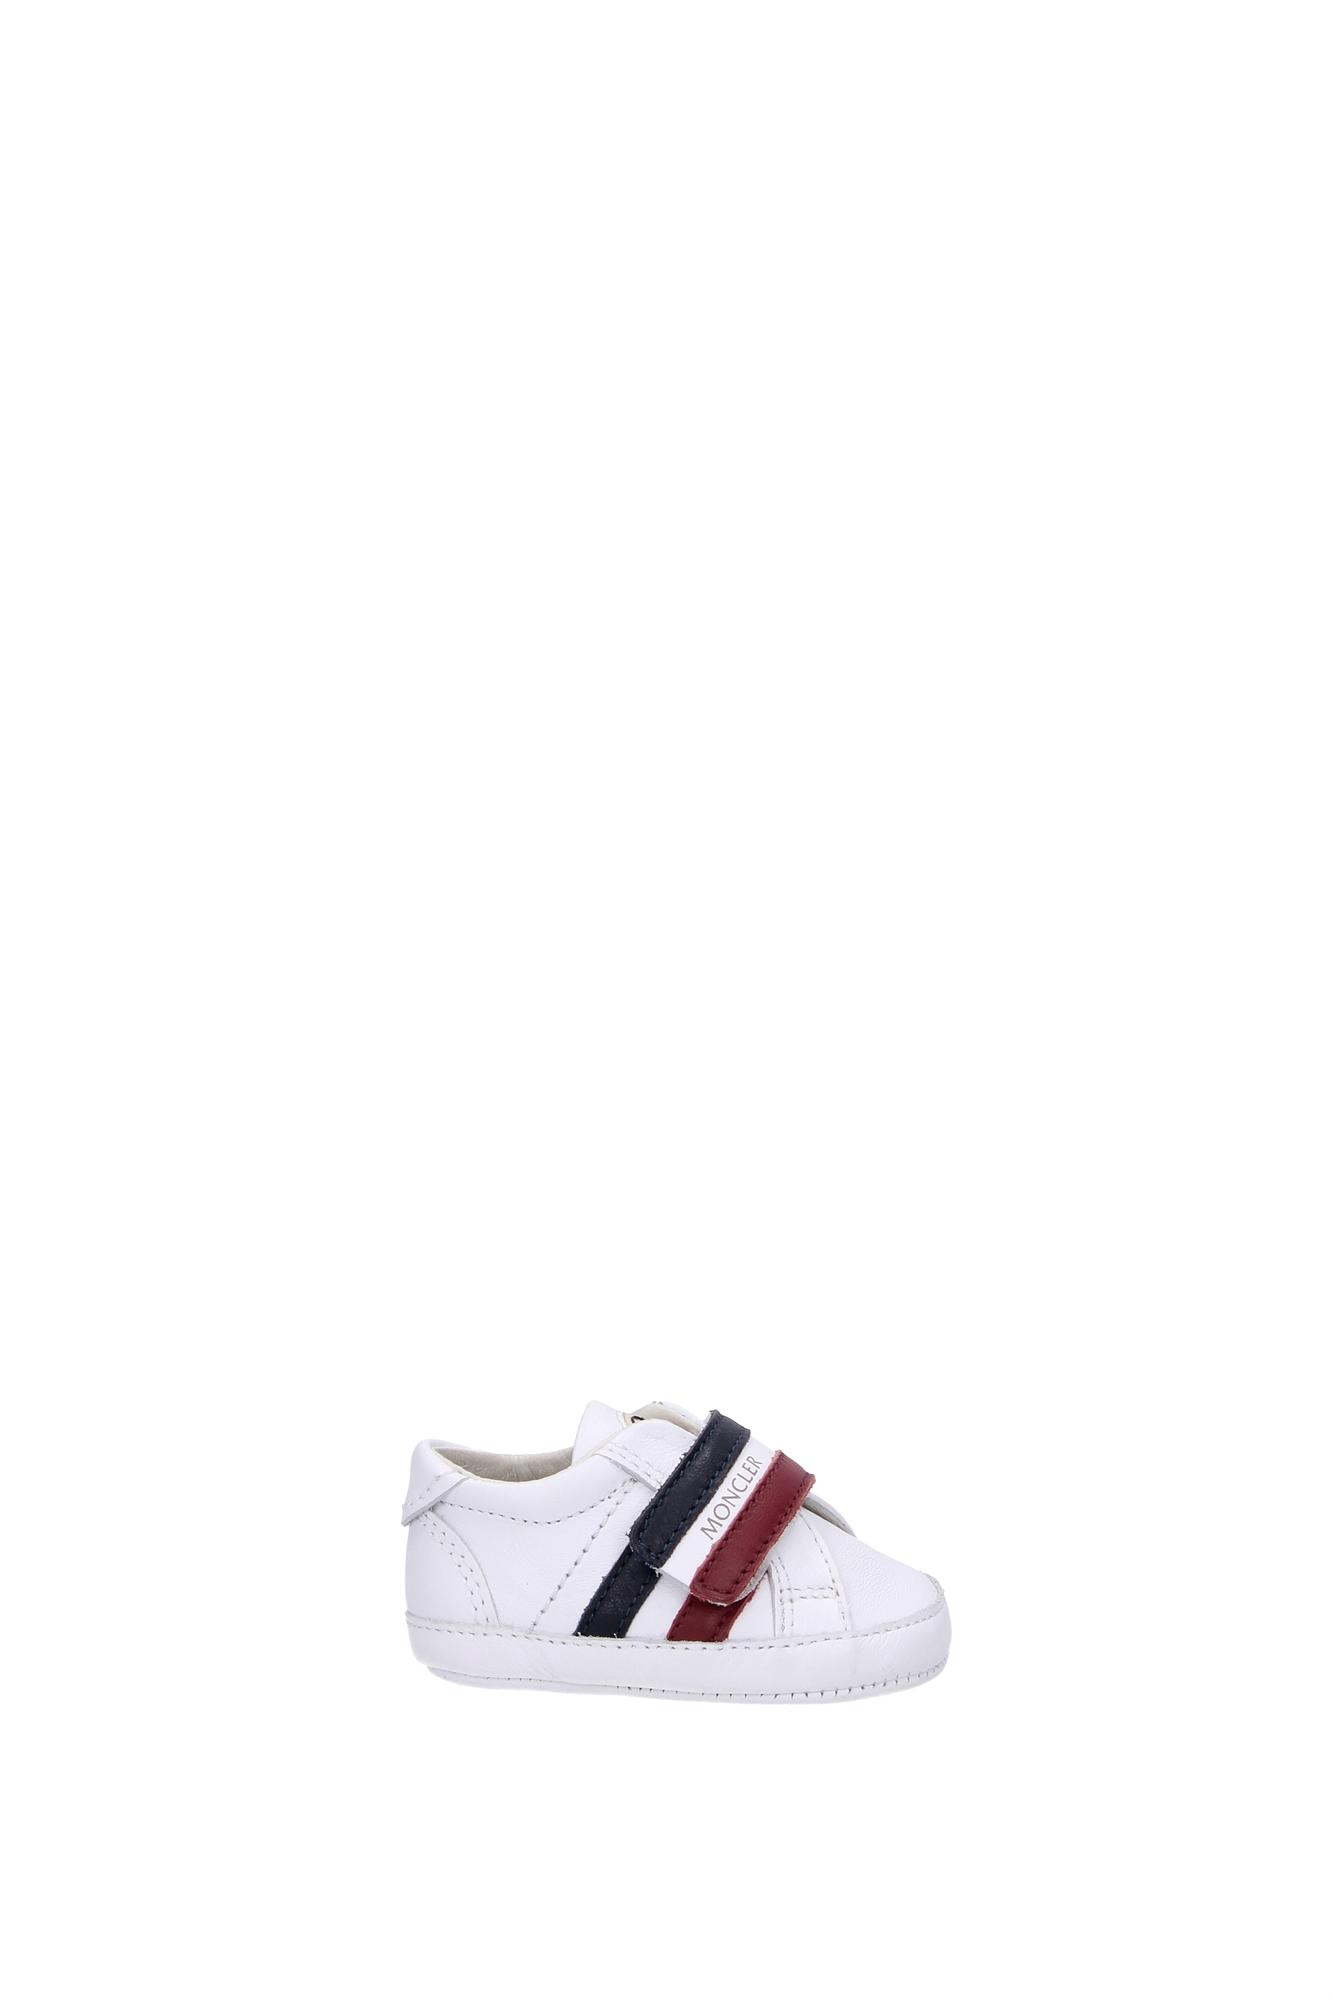 Sneakers-Moncler-Bambino-Pelle-Bianco-PUXA91E070C10101